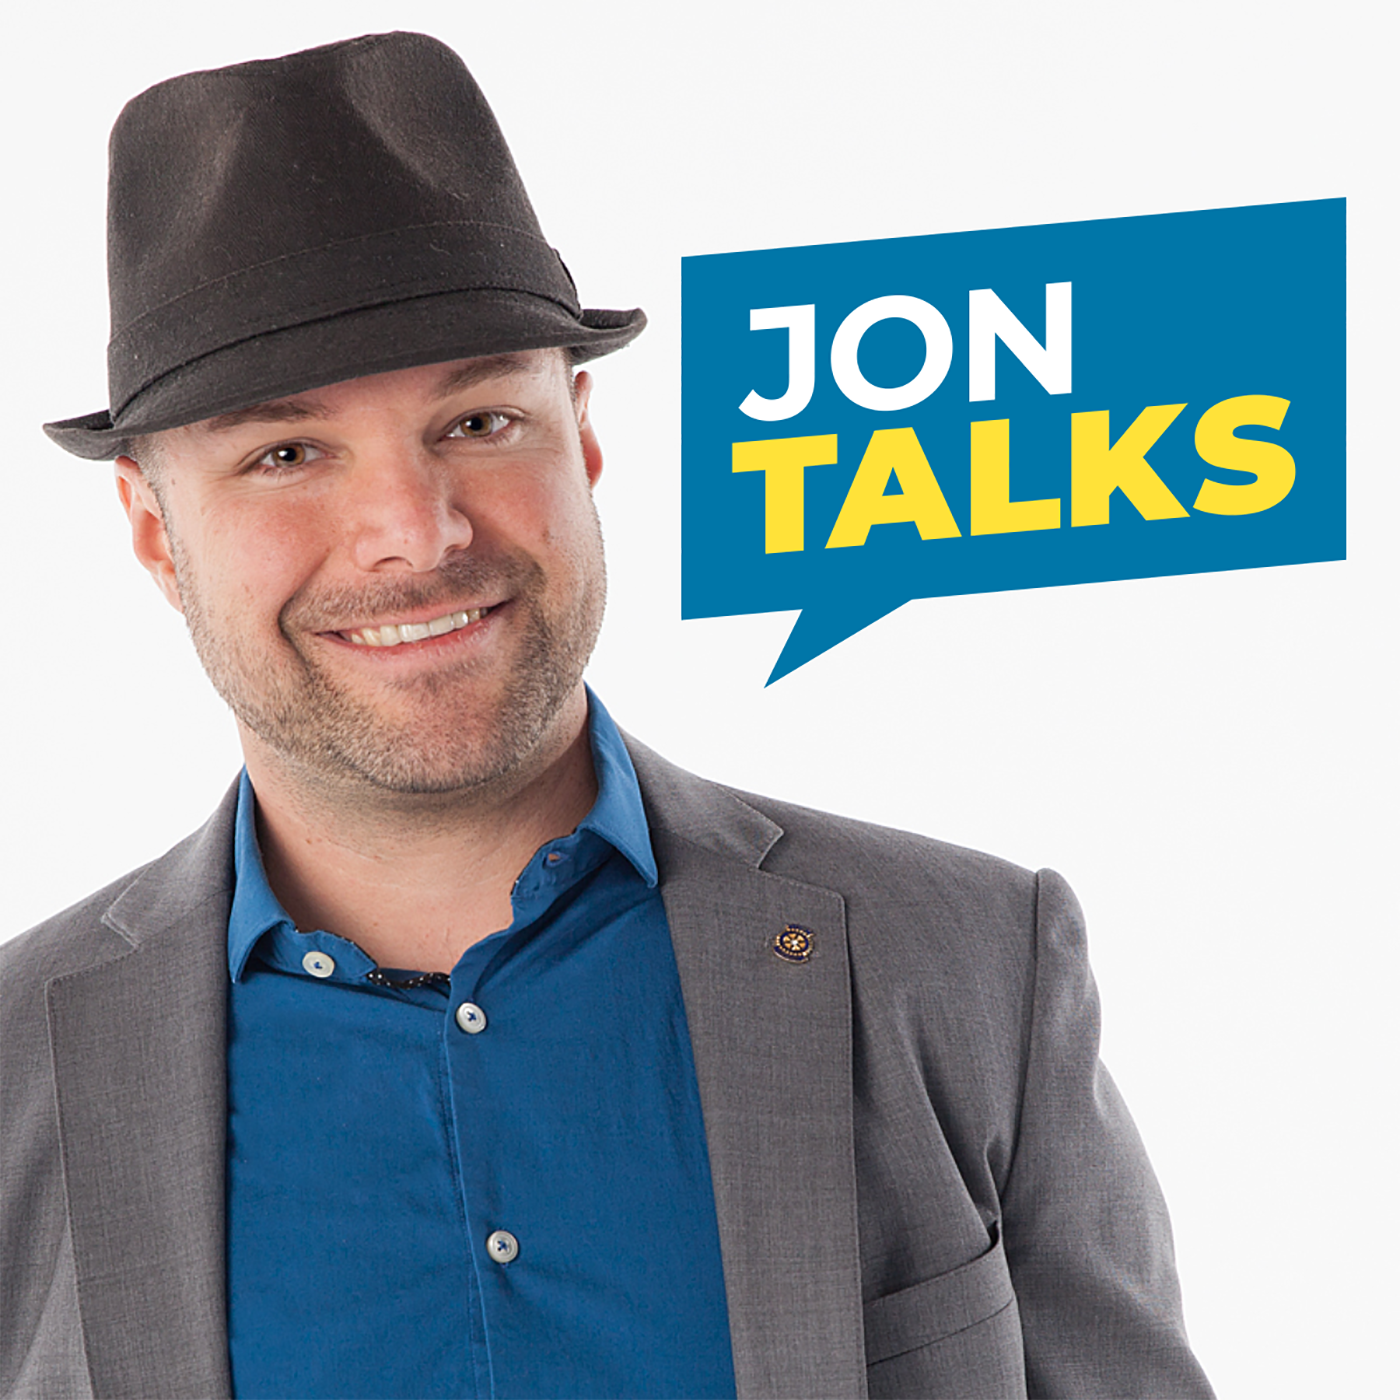 Jon Talks